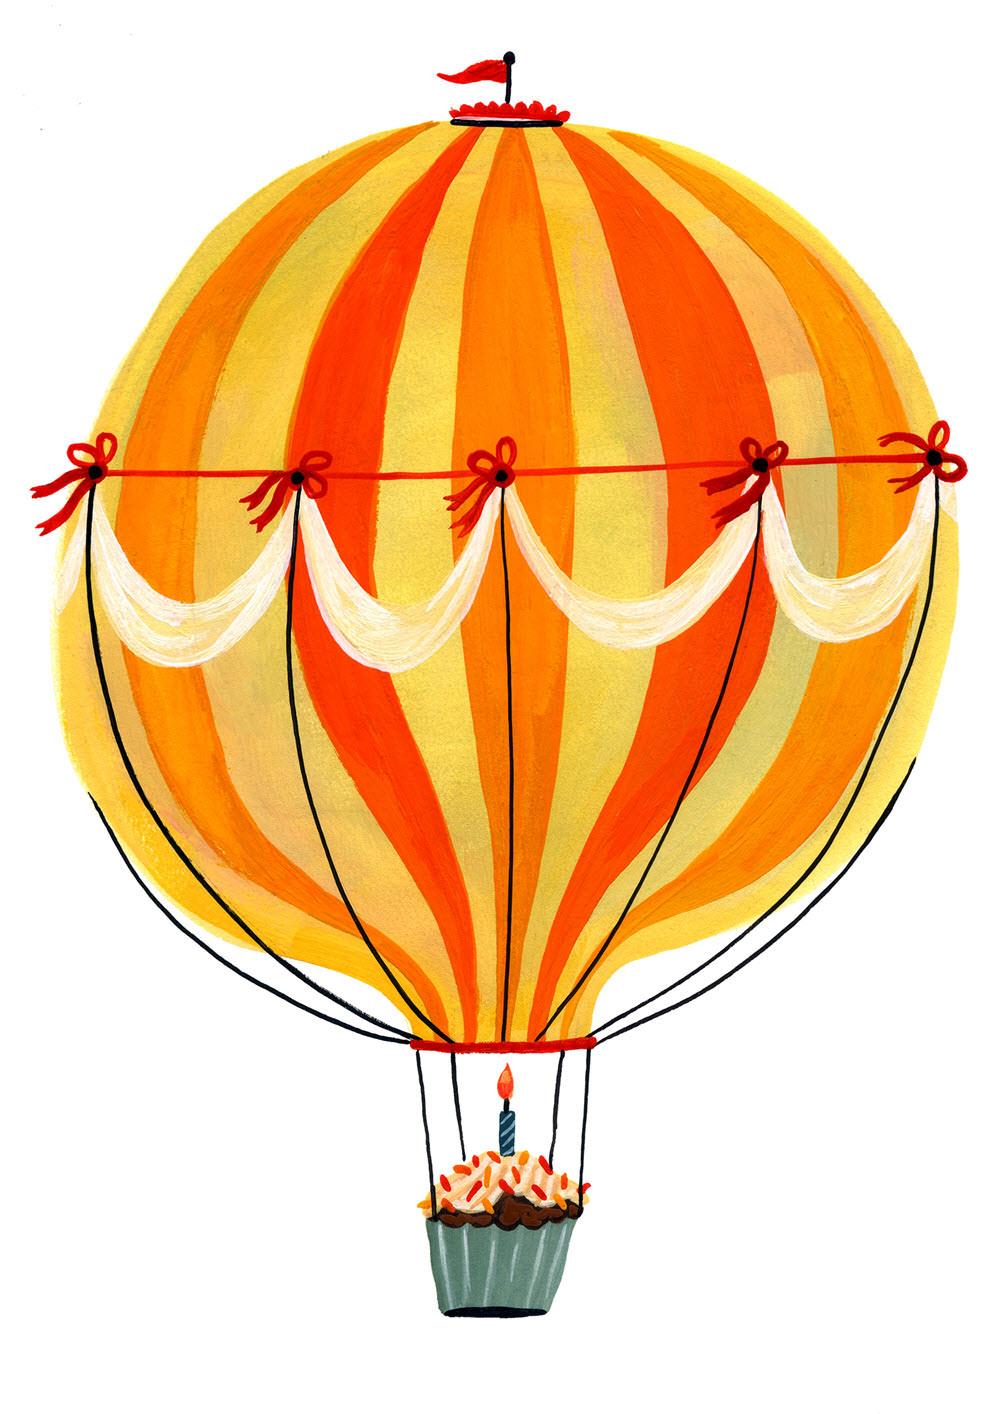 Hot Air Balloon - MH798